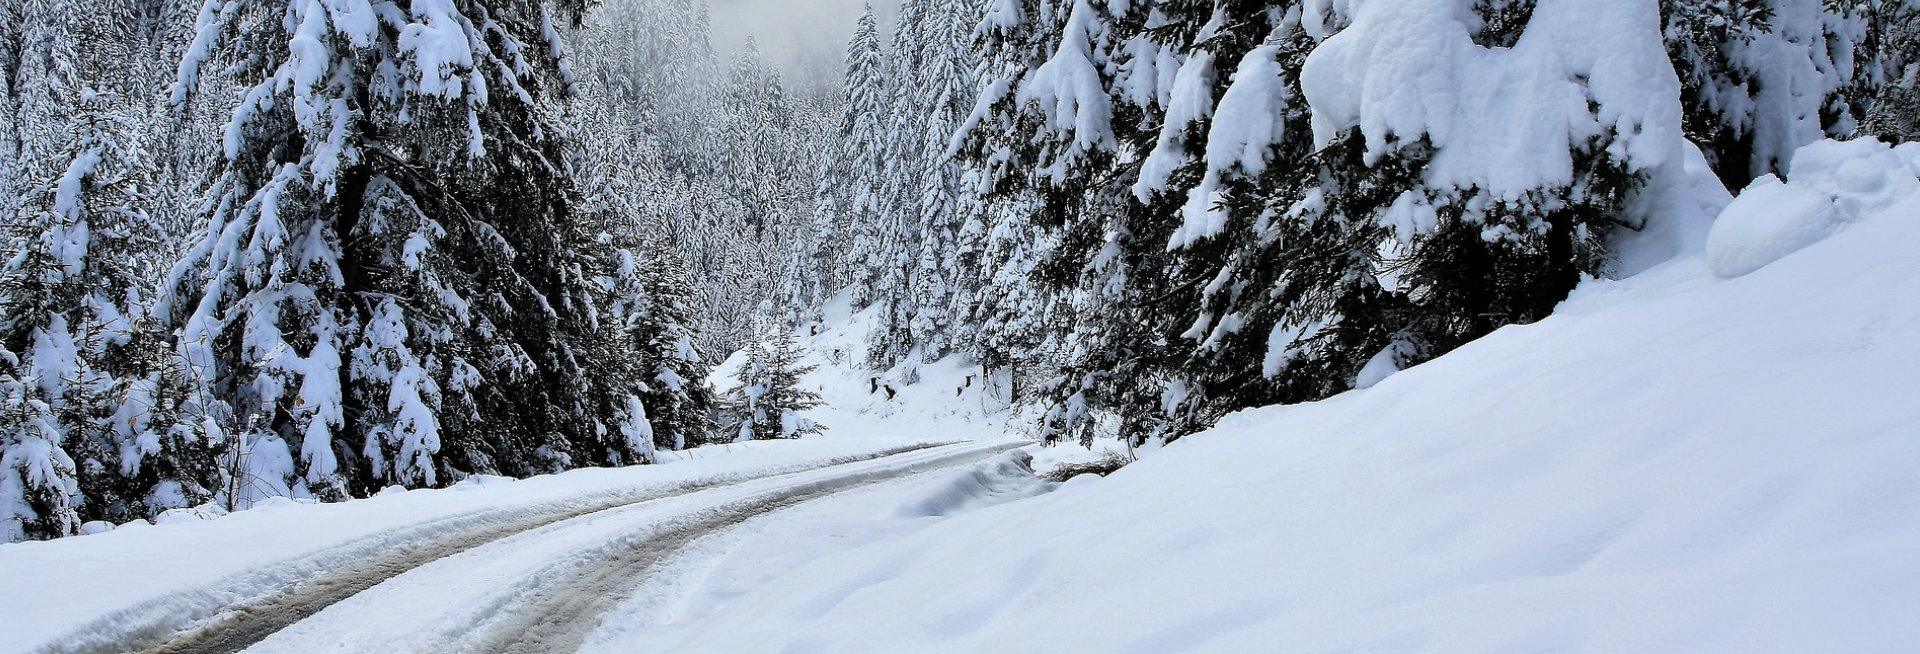 Sneeuwkettingen voor de BMW 7-serie